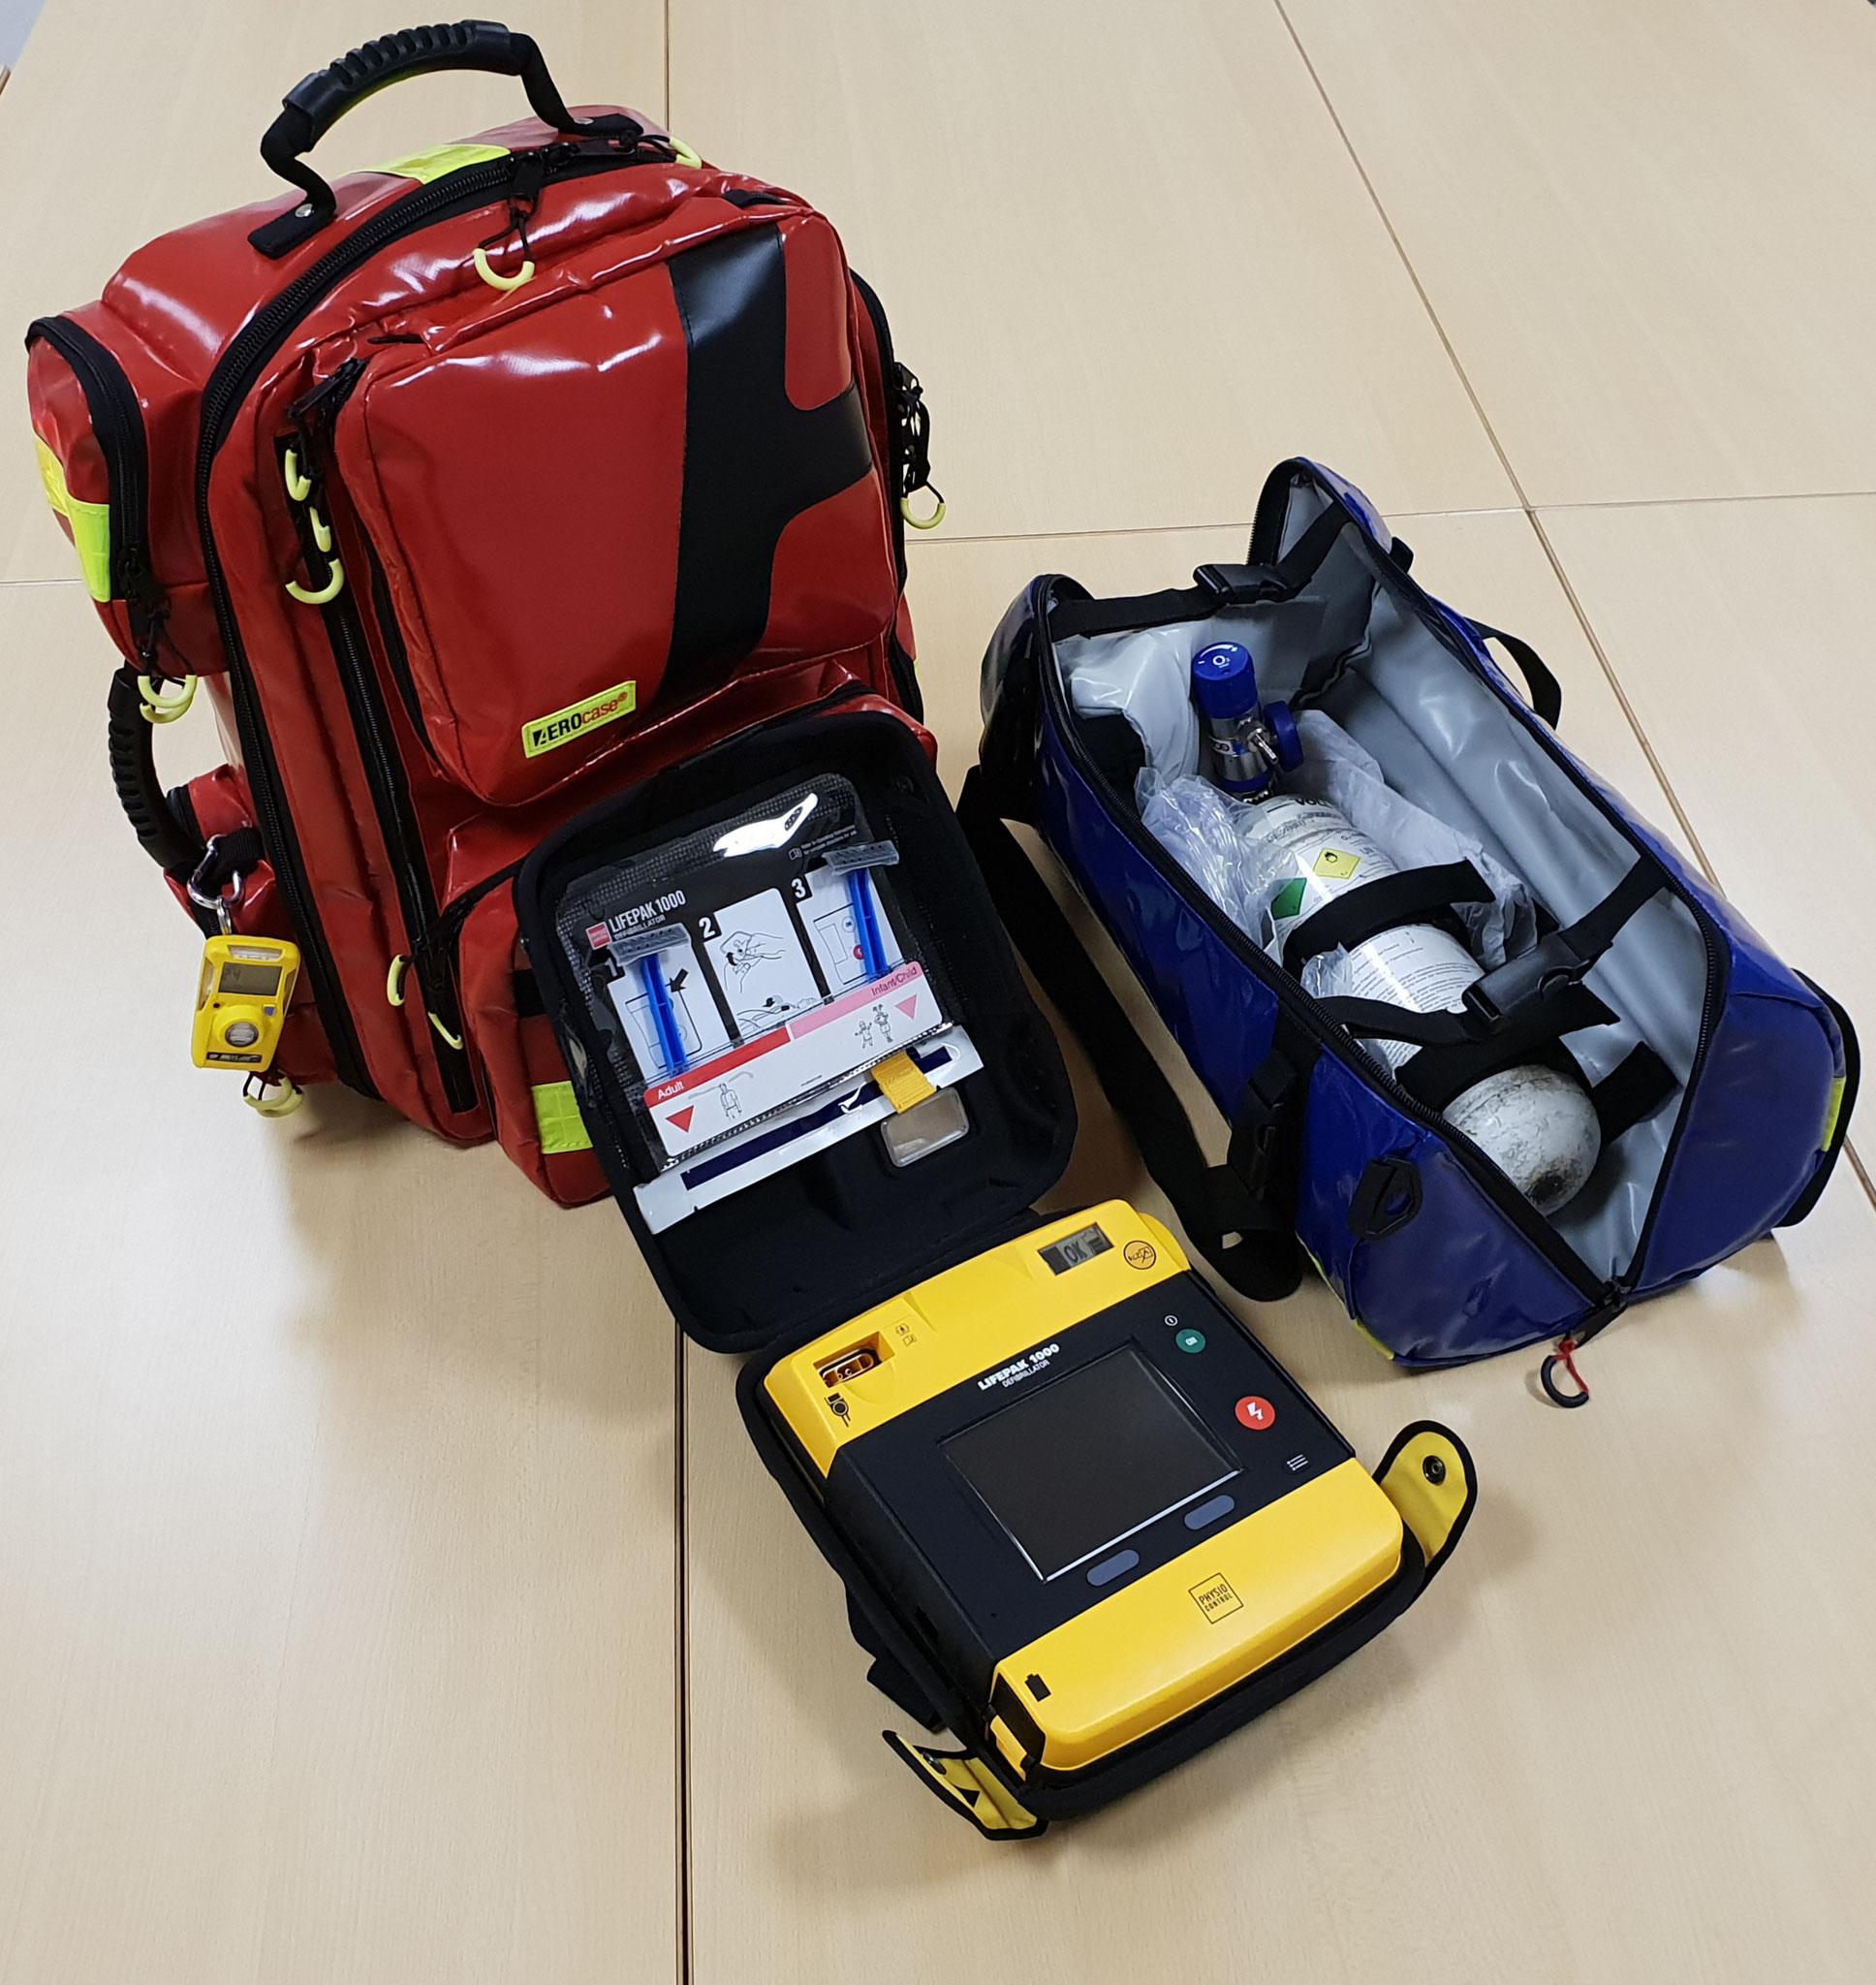 Notfallrucksack, AED und Oxybag